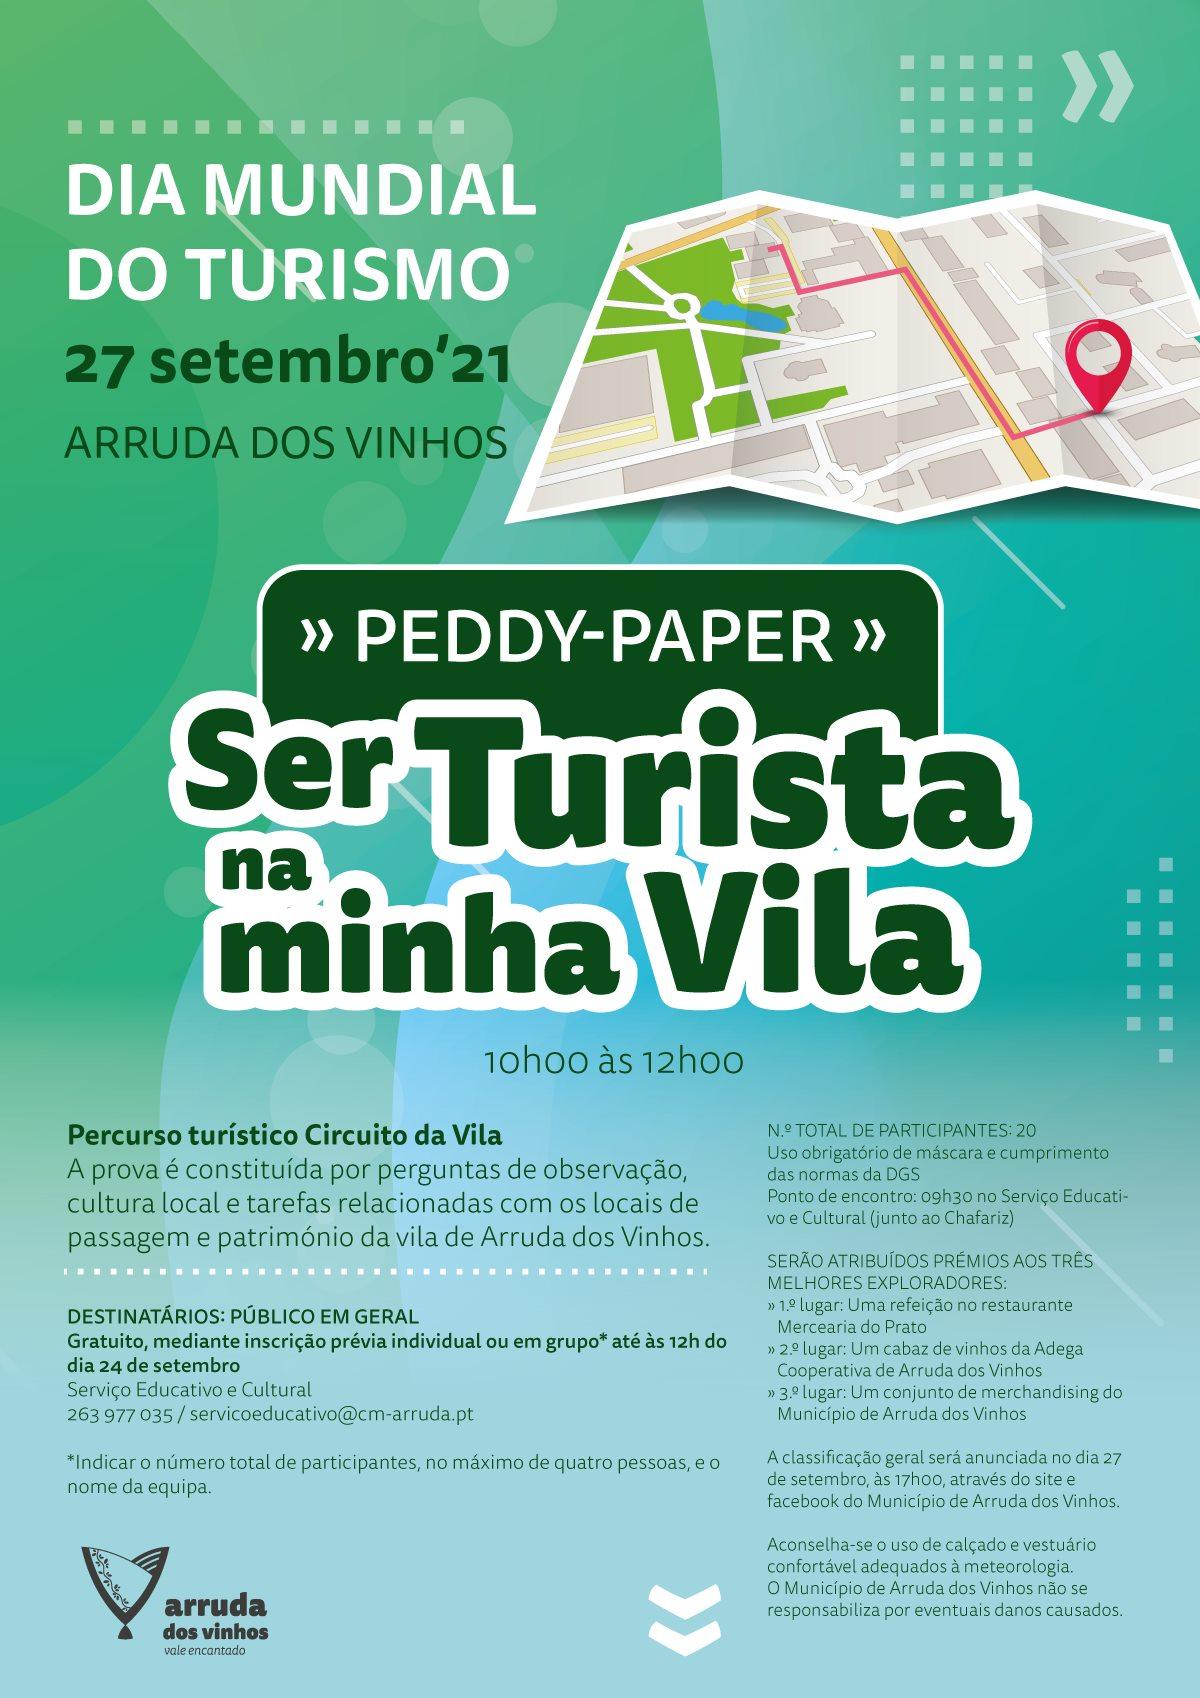 Dia Mundial do Turismo - Peddy-paper 'Ser Turista na minha Vila'